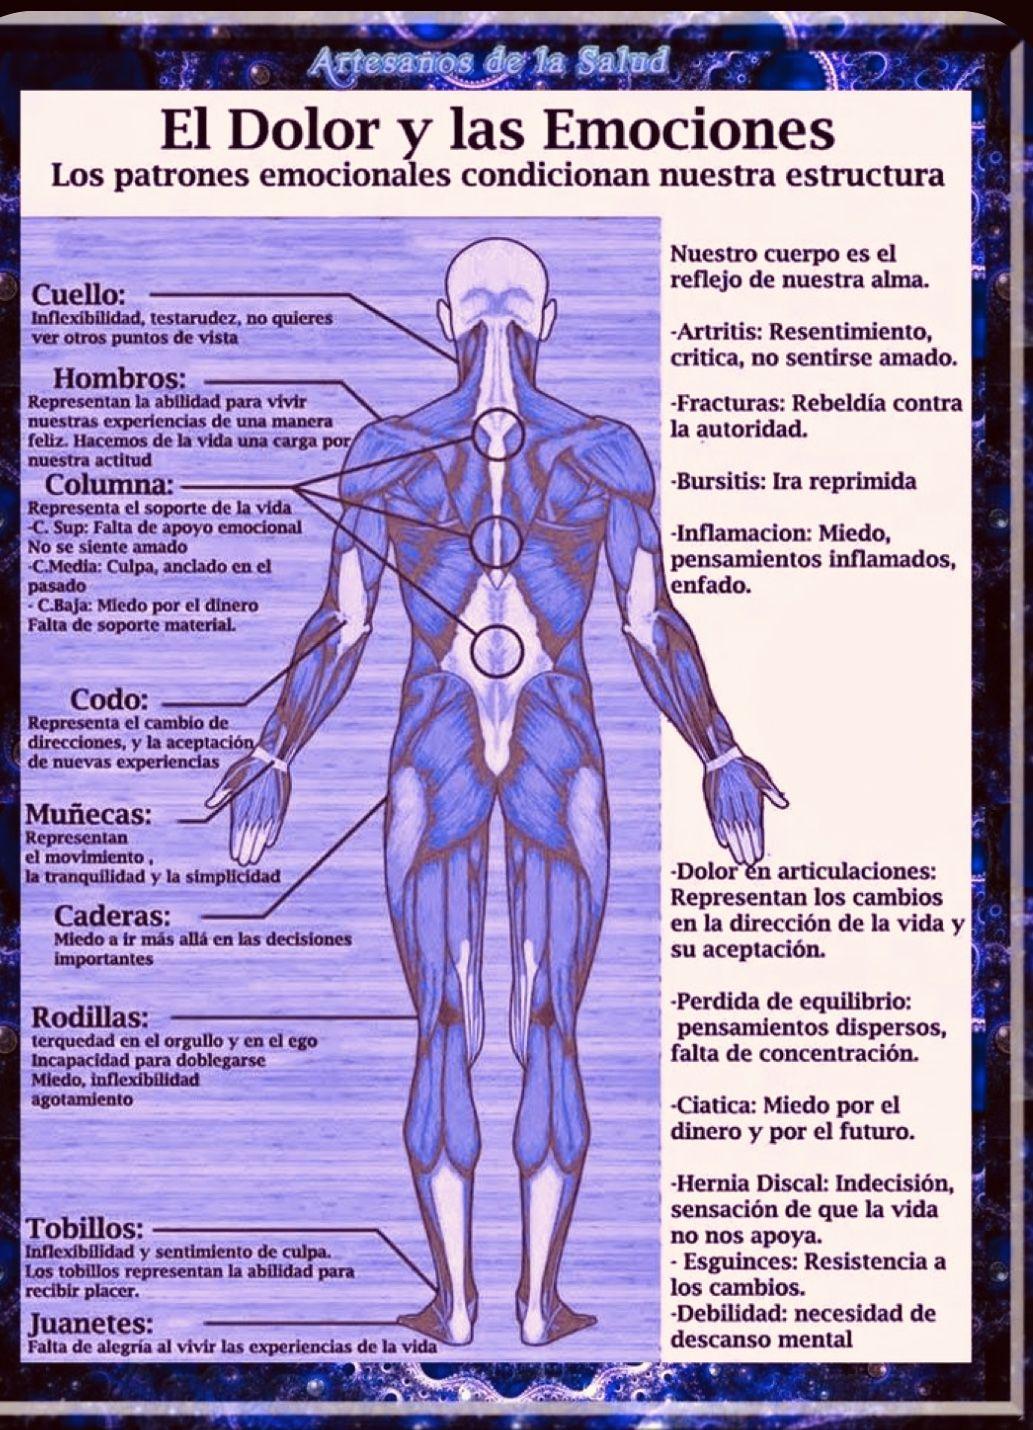 Pin De Francisca Diaz Moriel En Naturopatia Dolor Y Emociones Enfermedades Y Emociones Enfermedades Emocionales